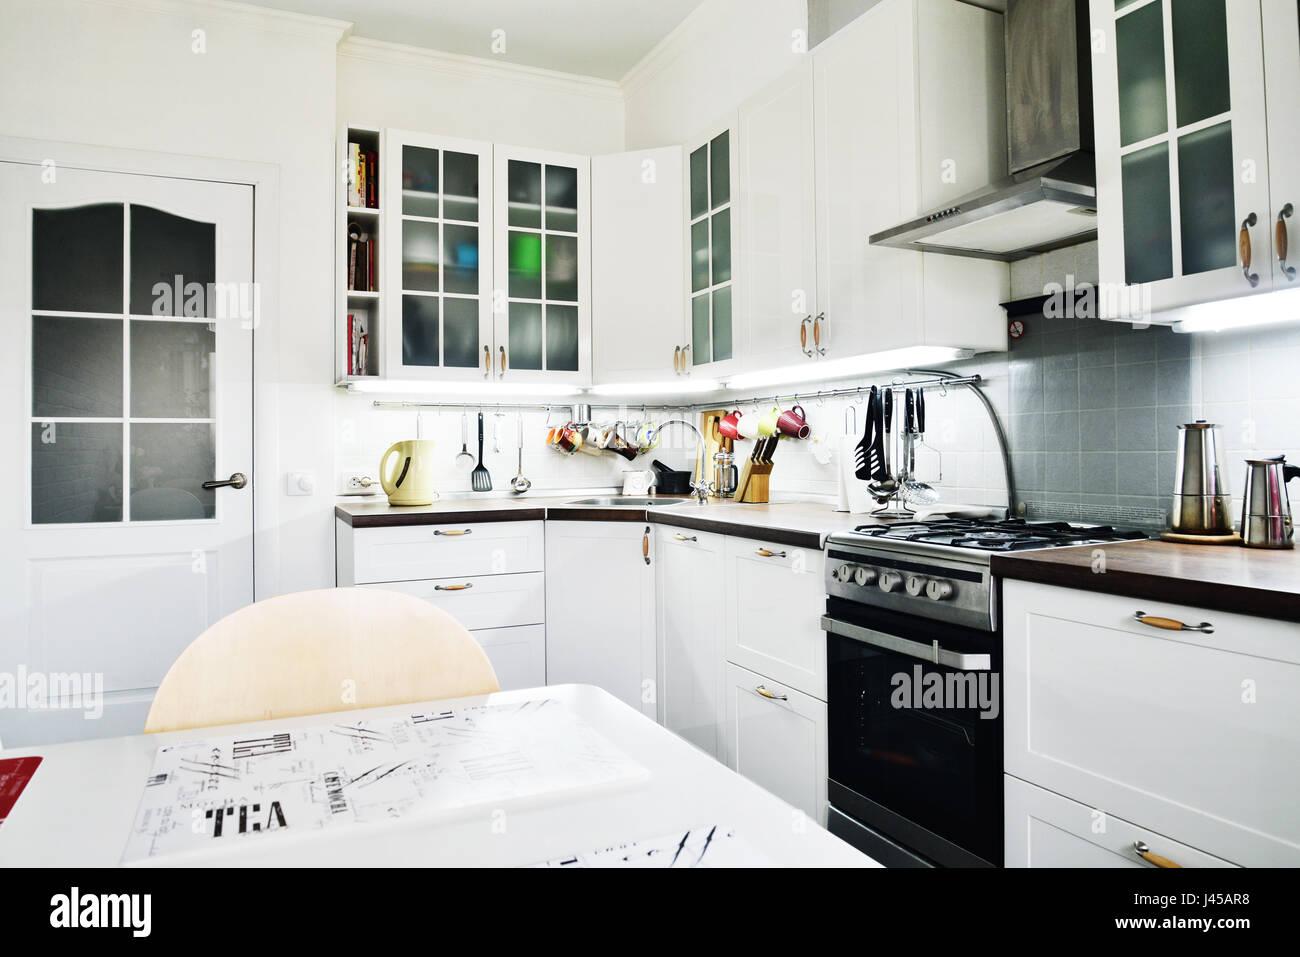 interno della cucina in stile scandinavo con mobili